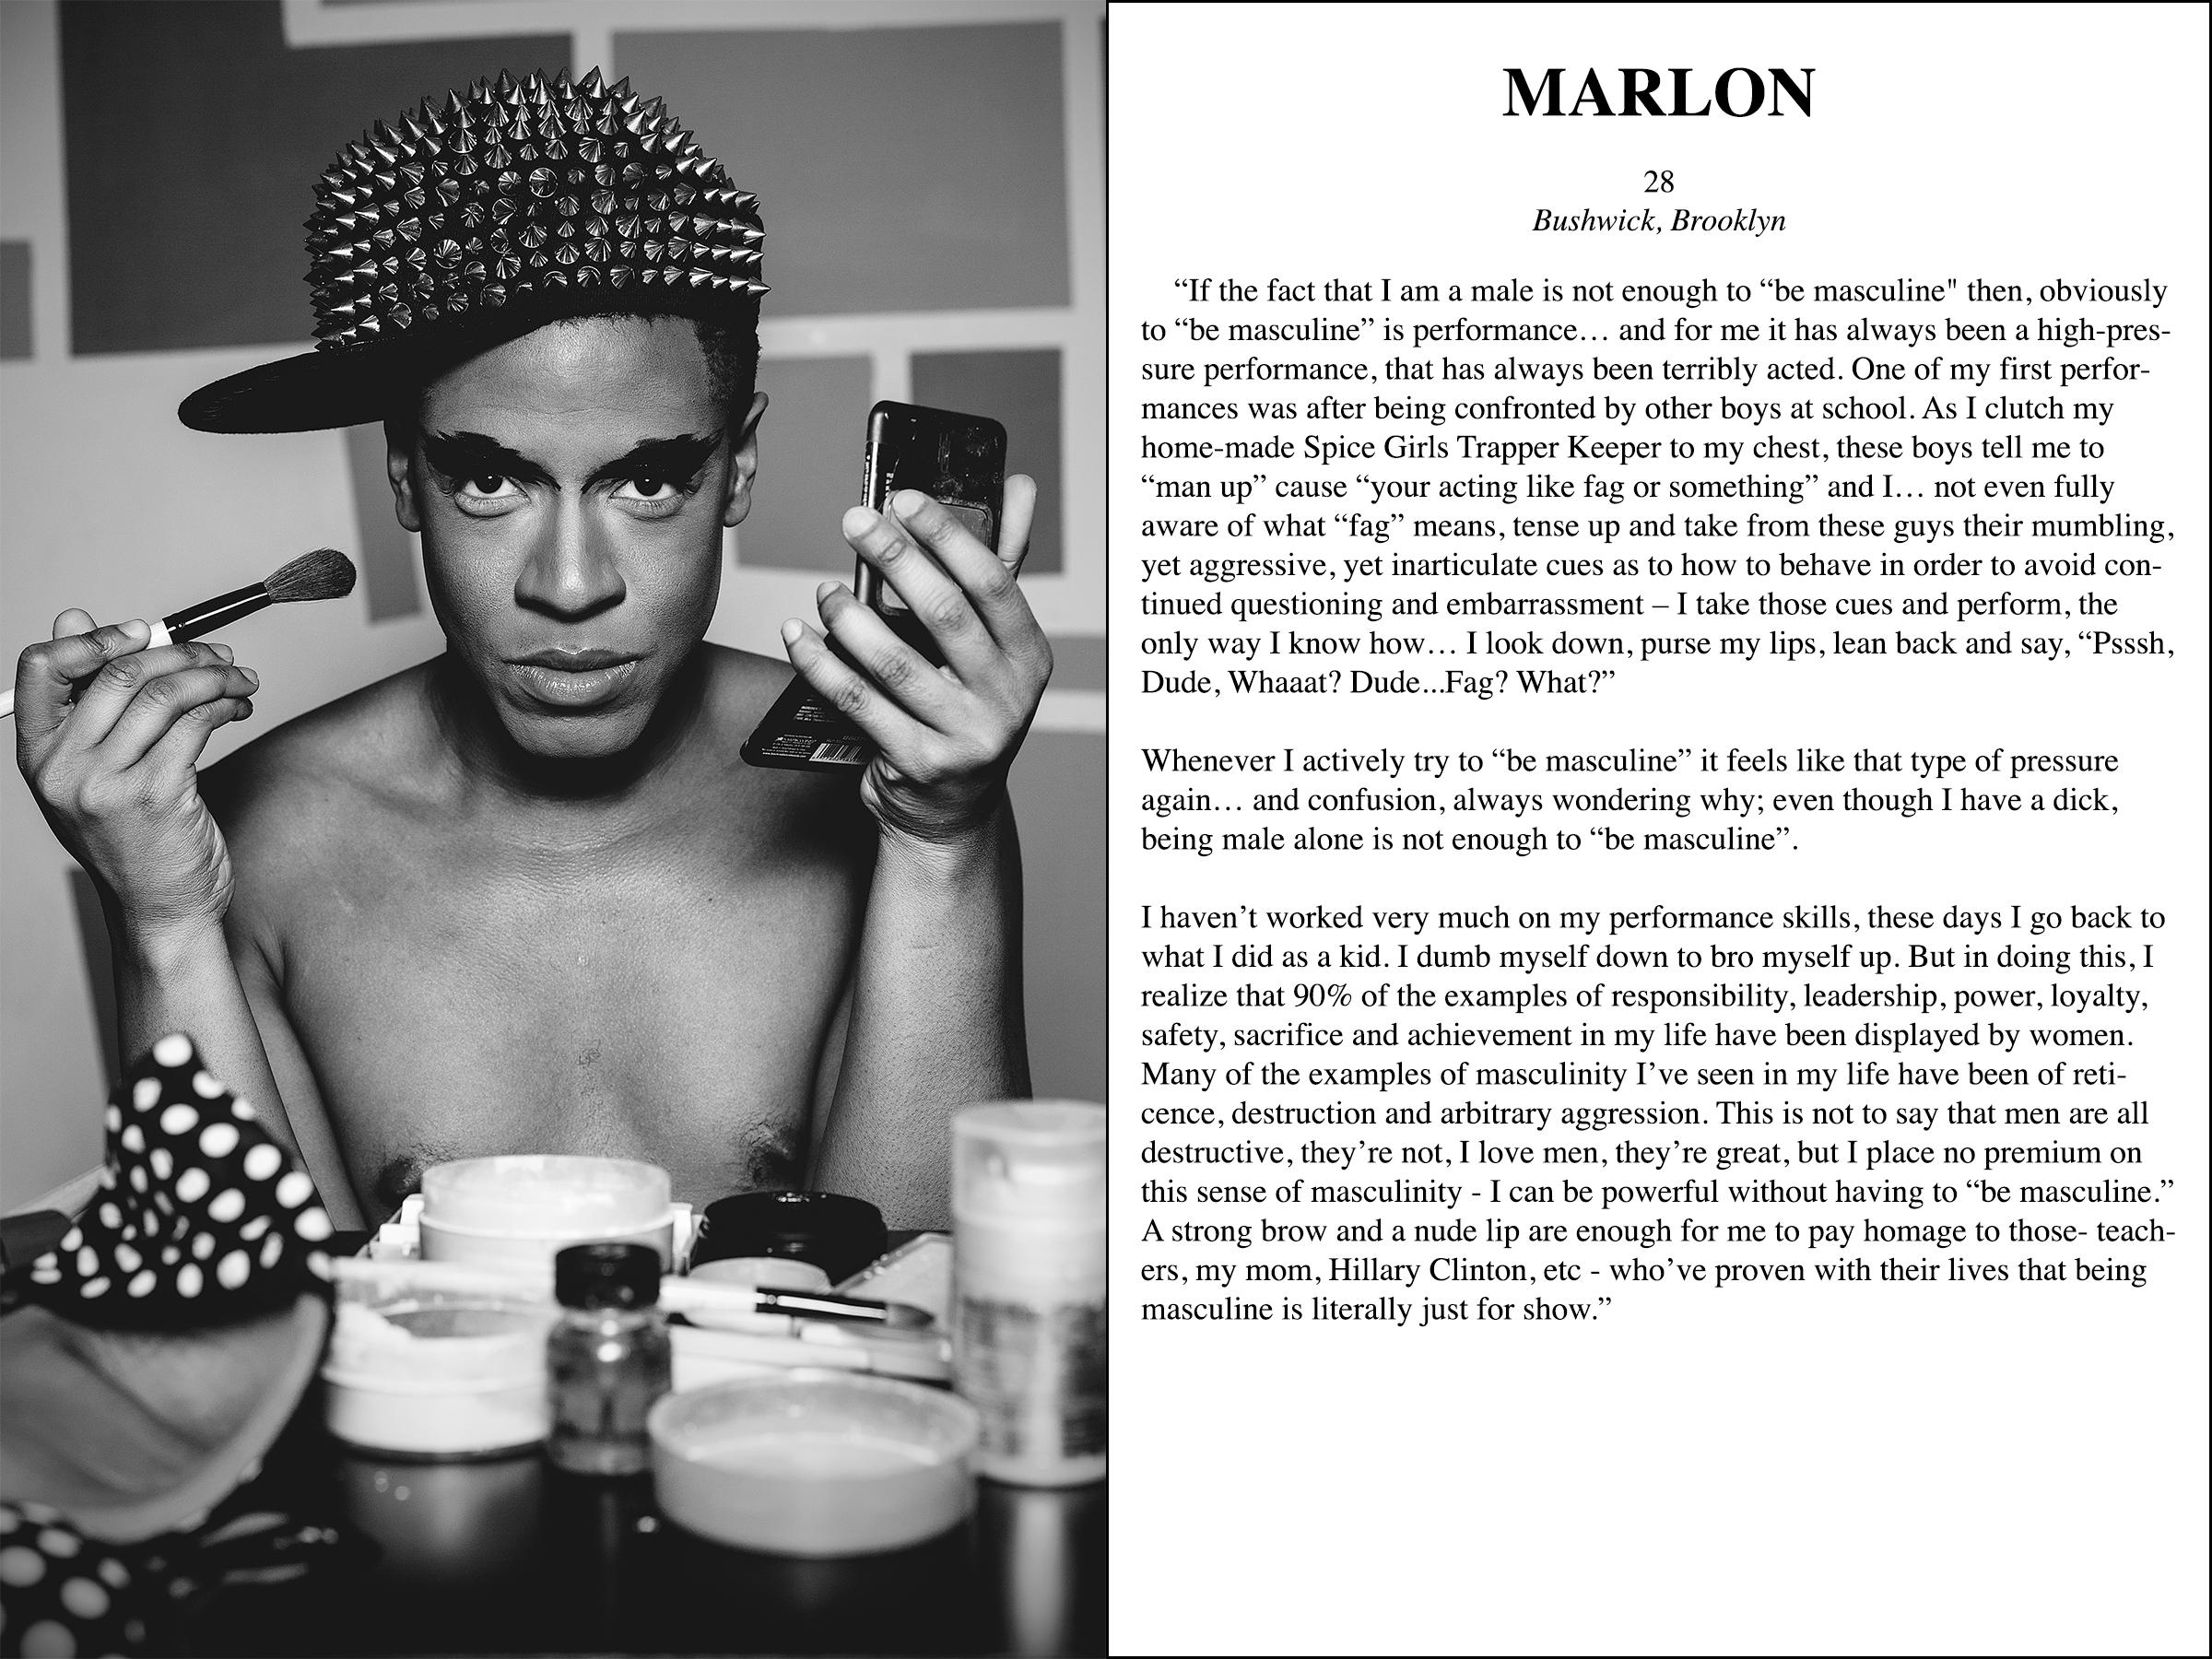 MARLON - FINAL.jpg